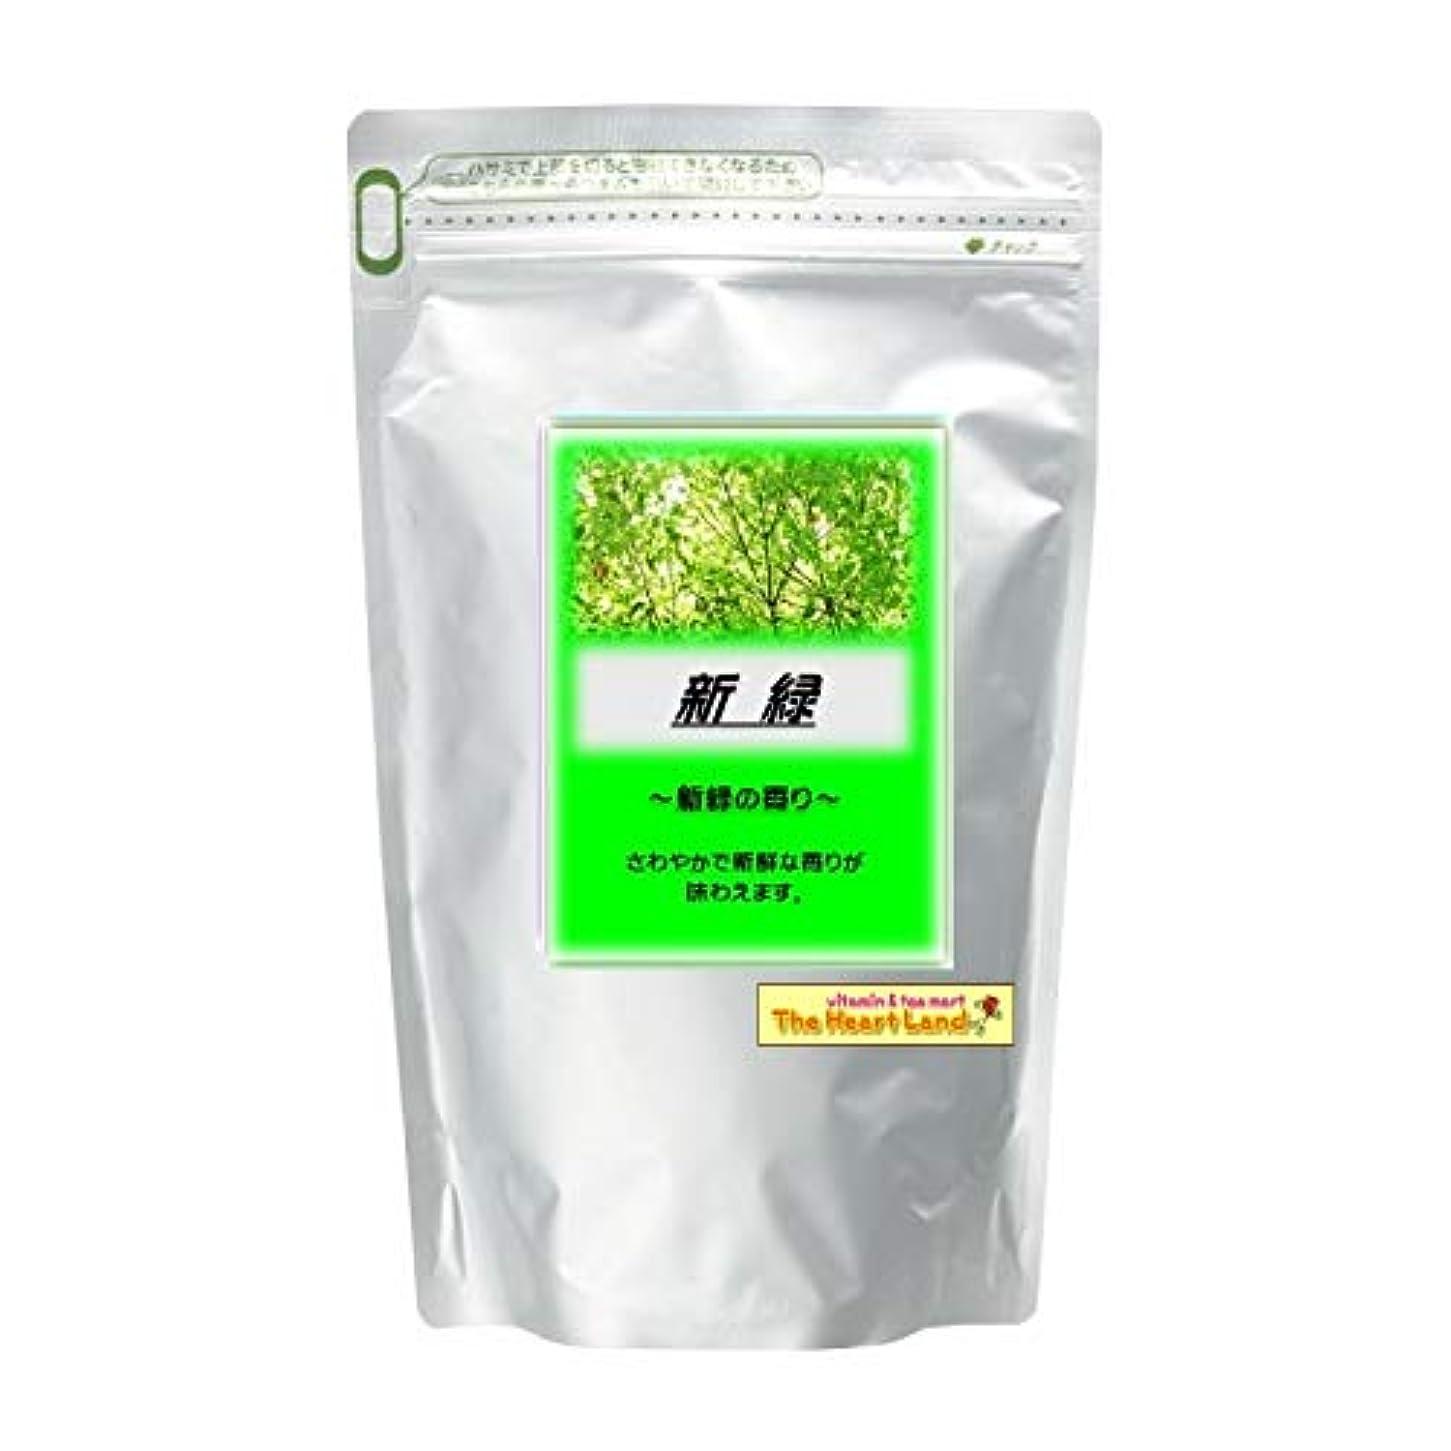 大統領化石コカインアサヒ入浴剤 浴用入浴化粧品 新緑 2.5kg